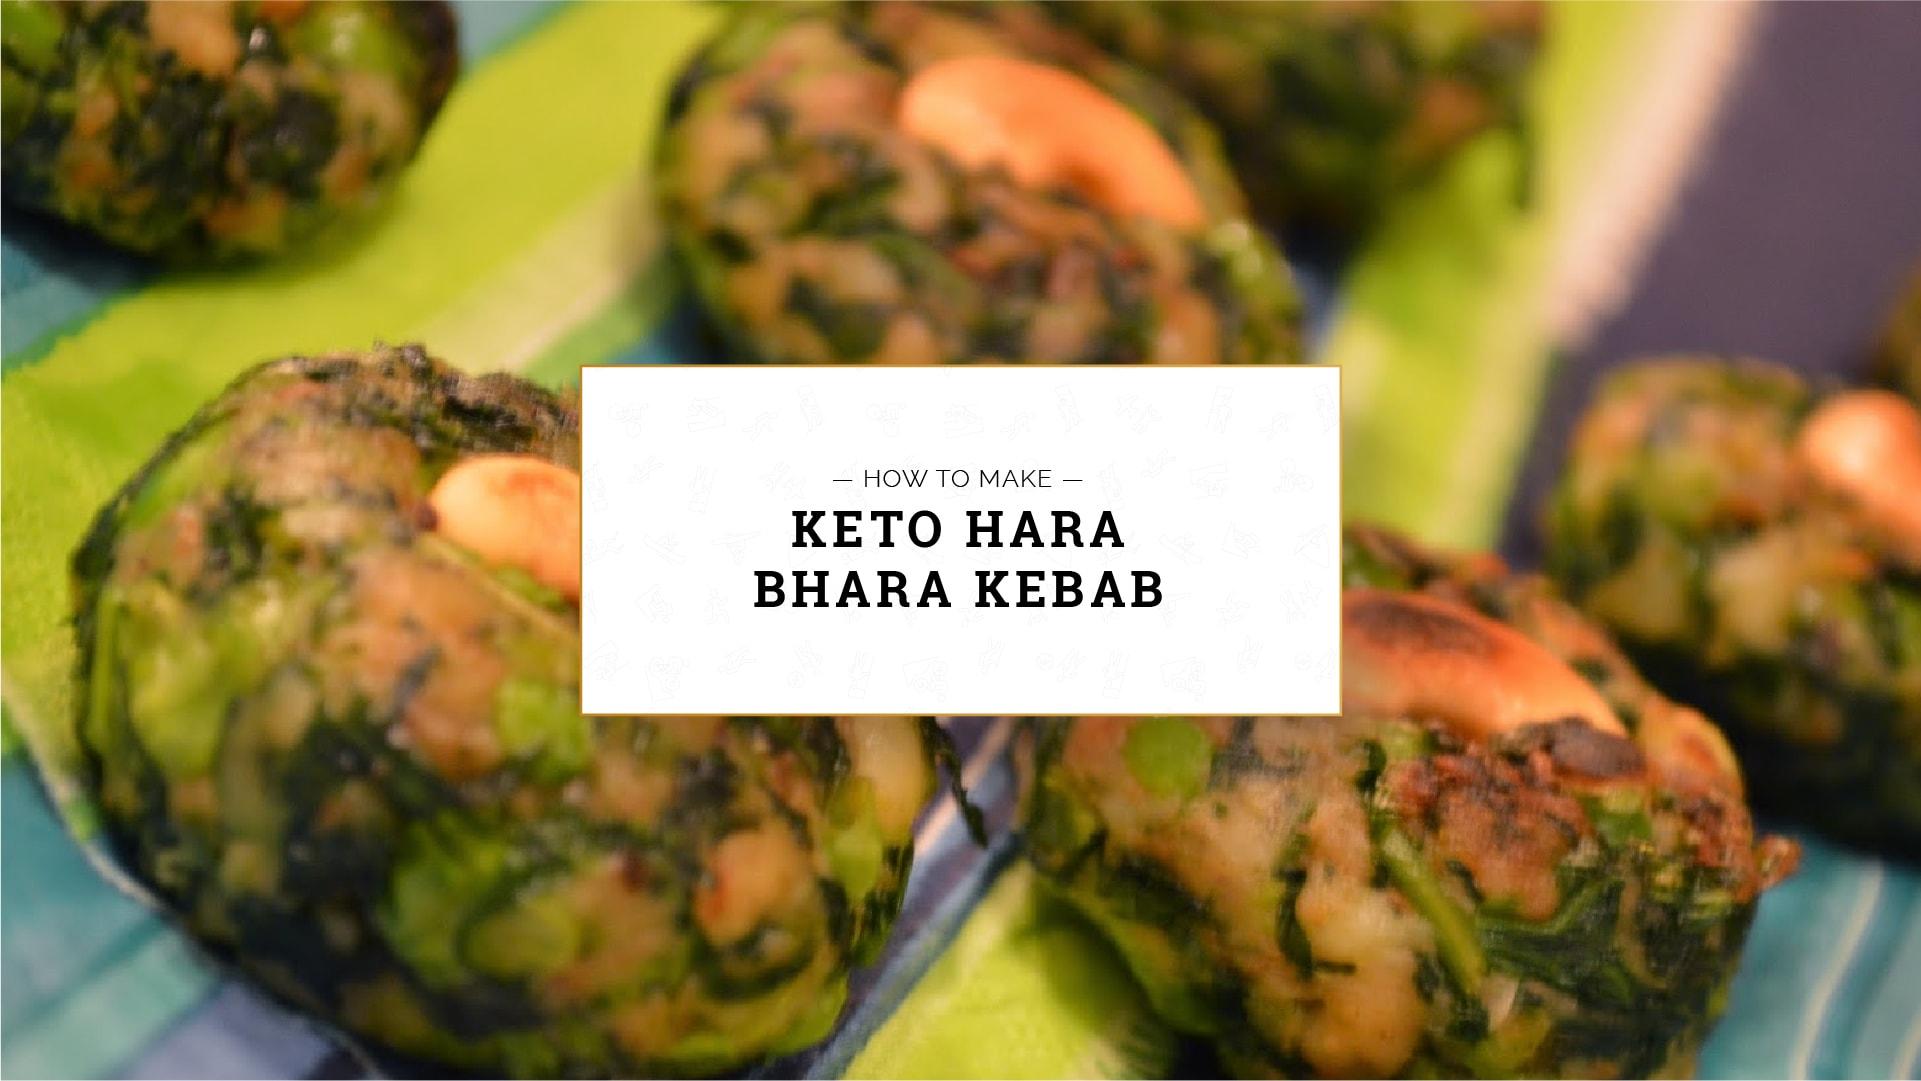 Keto Hara Bhara Kebab